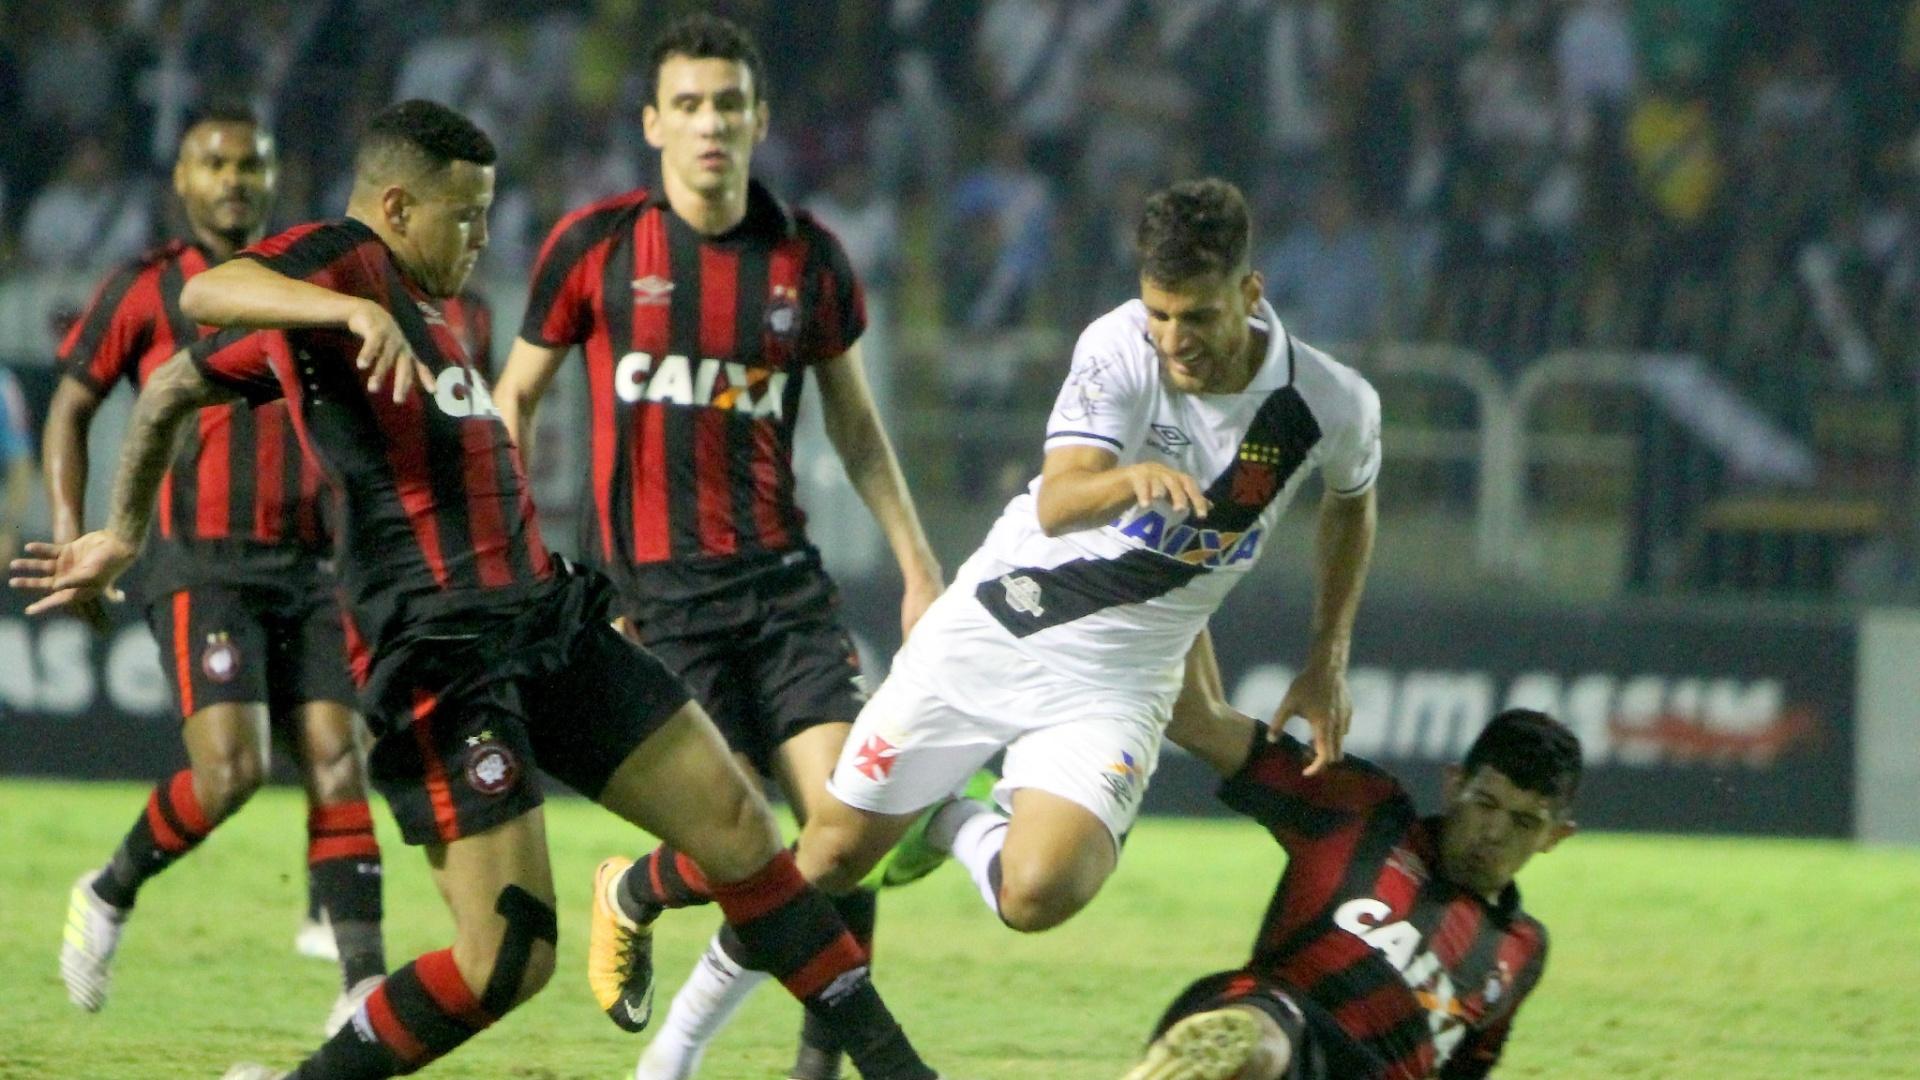 Jogadores dividem bola em Vasco x Atlético-PR pelo Campeonato Brasileiro